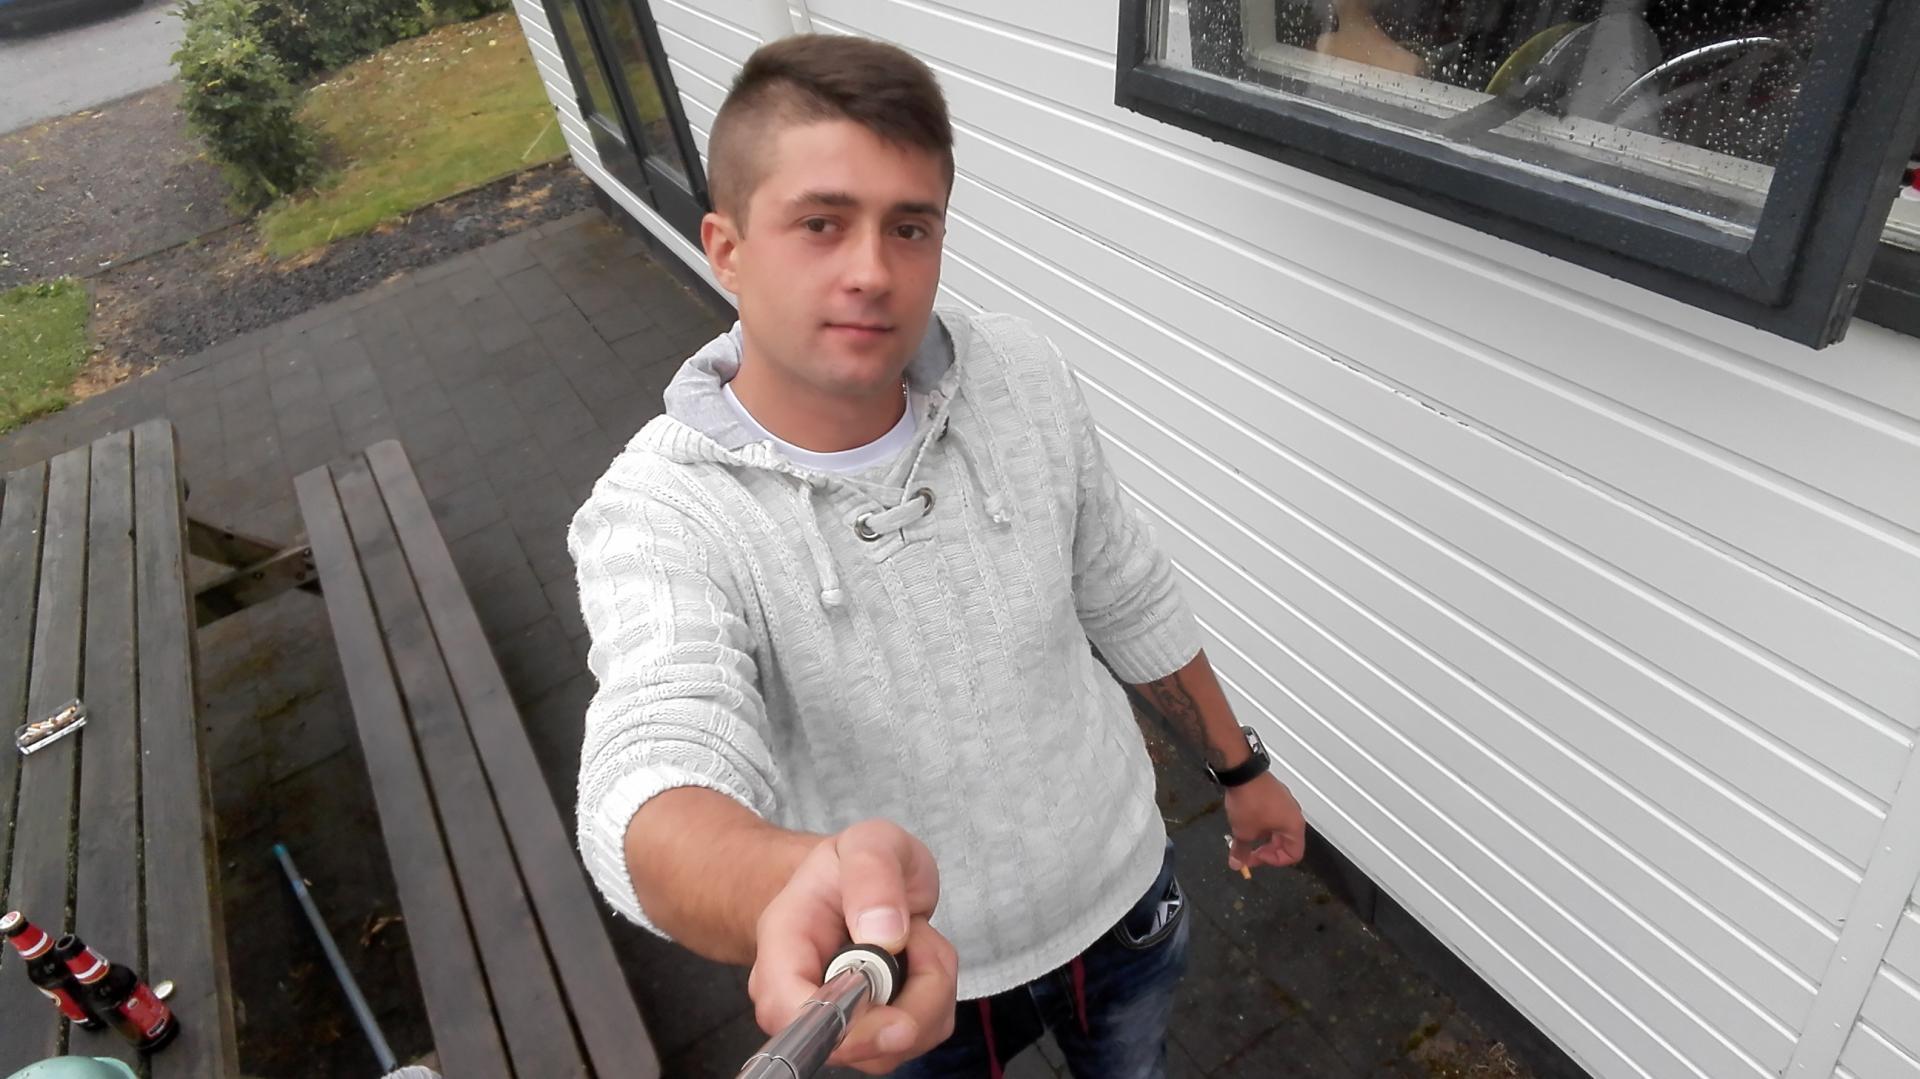 Daniel8817 uit Utrecht,Nederland